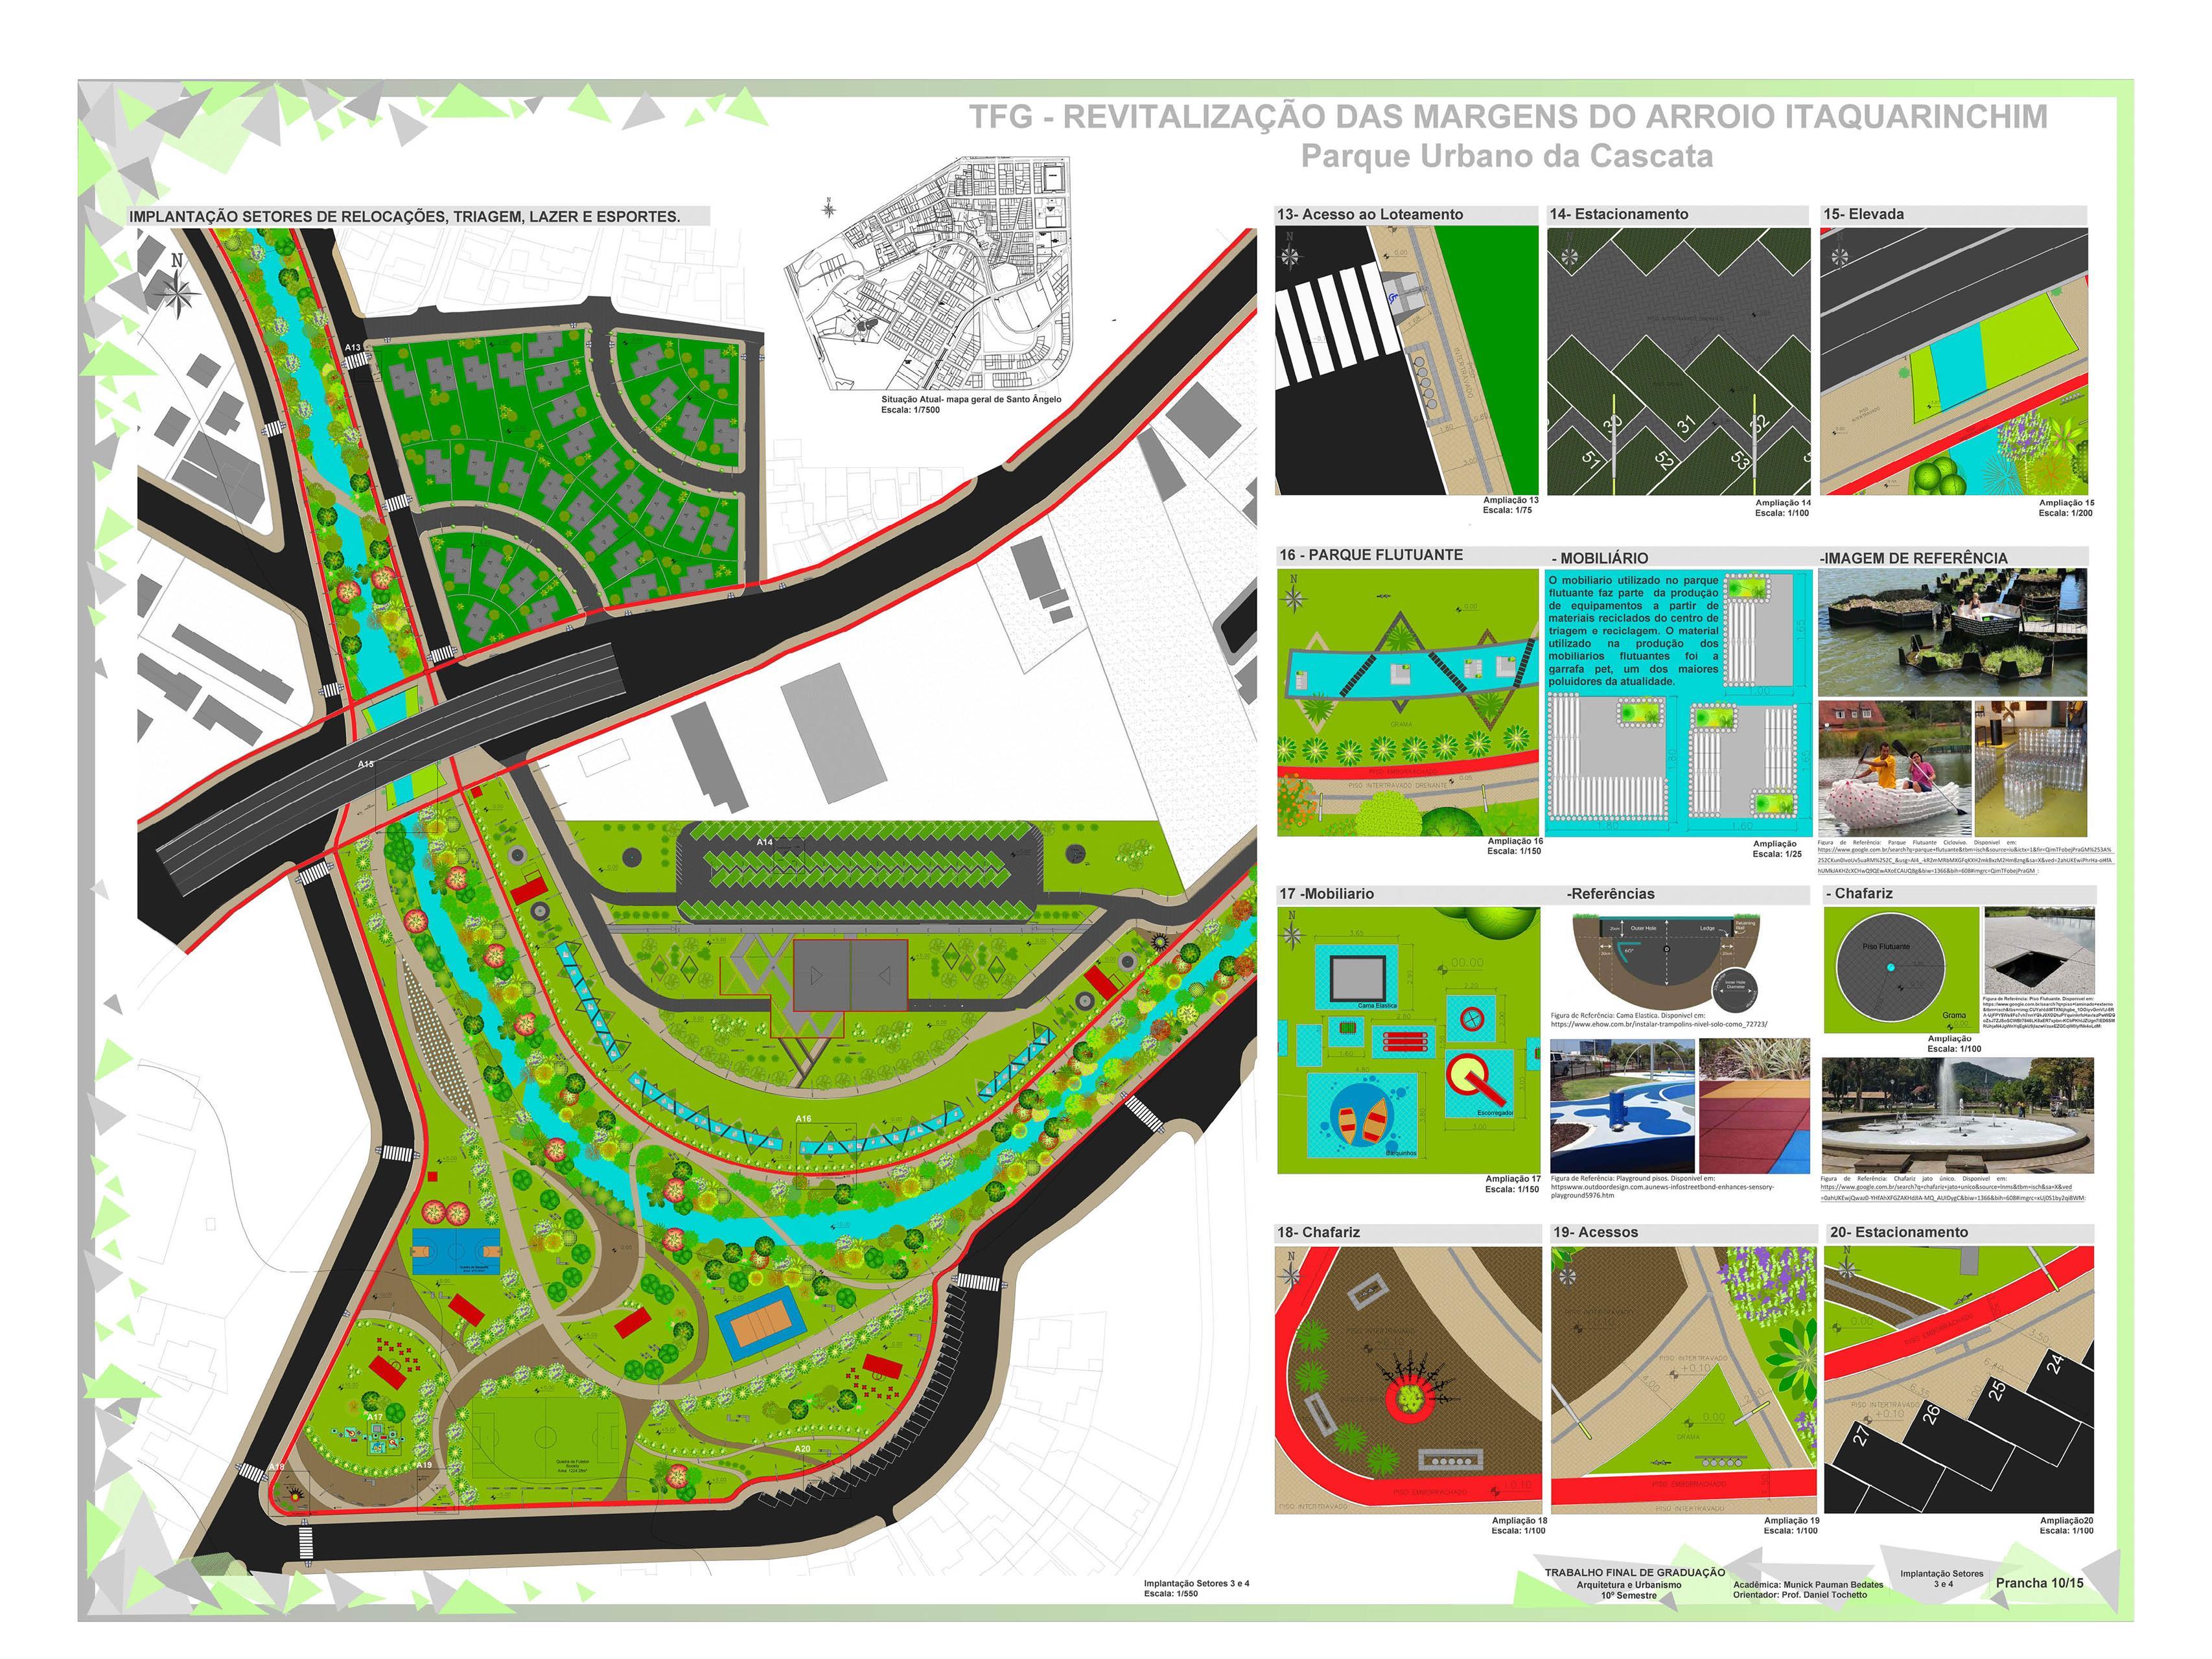 Revitalização das Margens do Arroio Itaquarinchim - Parque Urbano da Cascata9 (Copy)